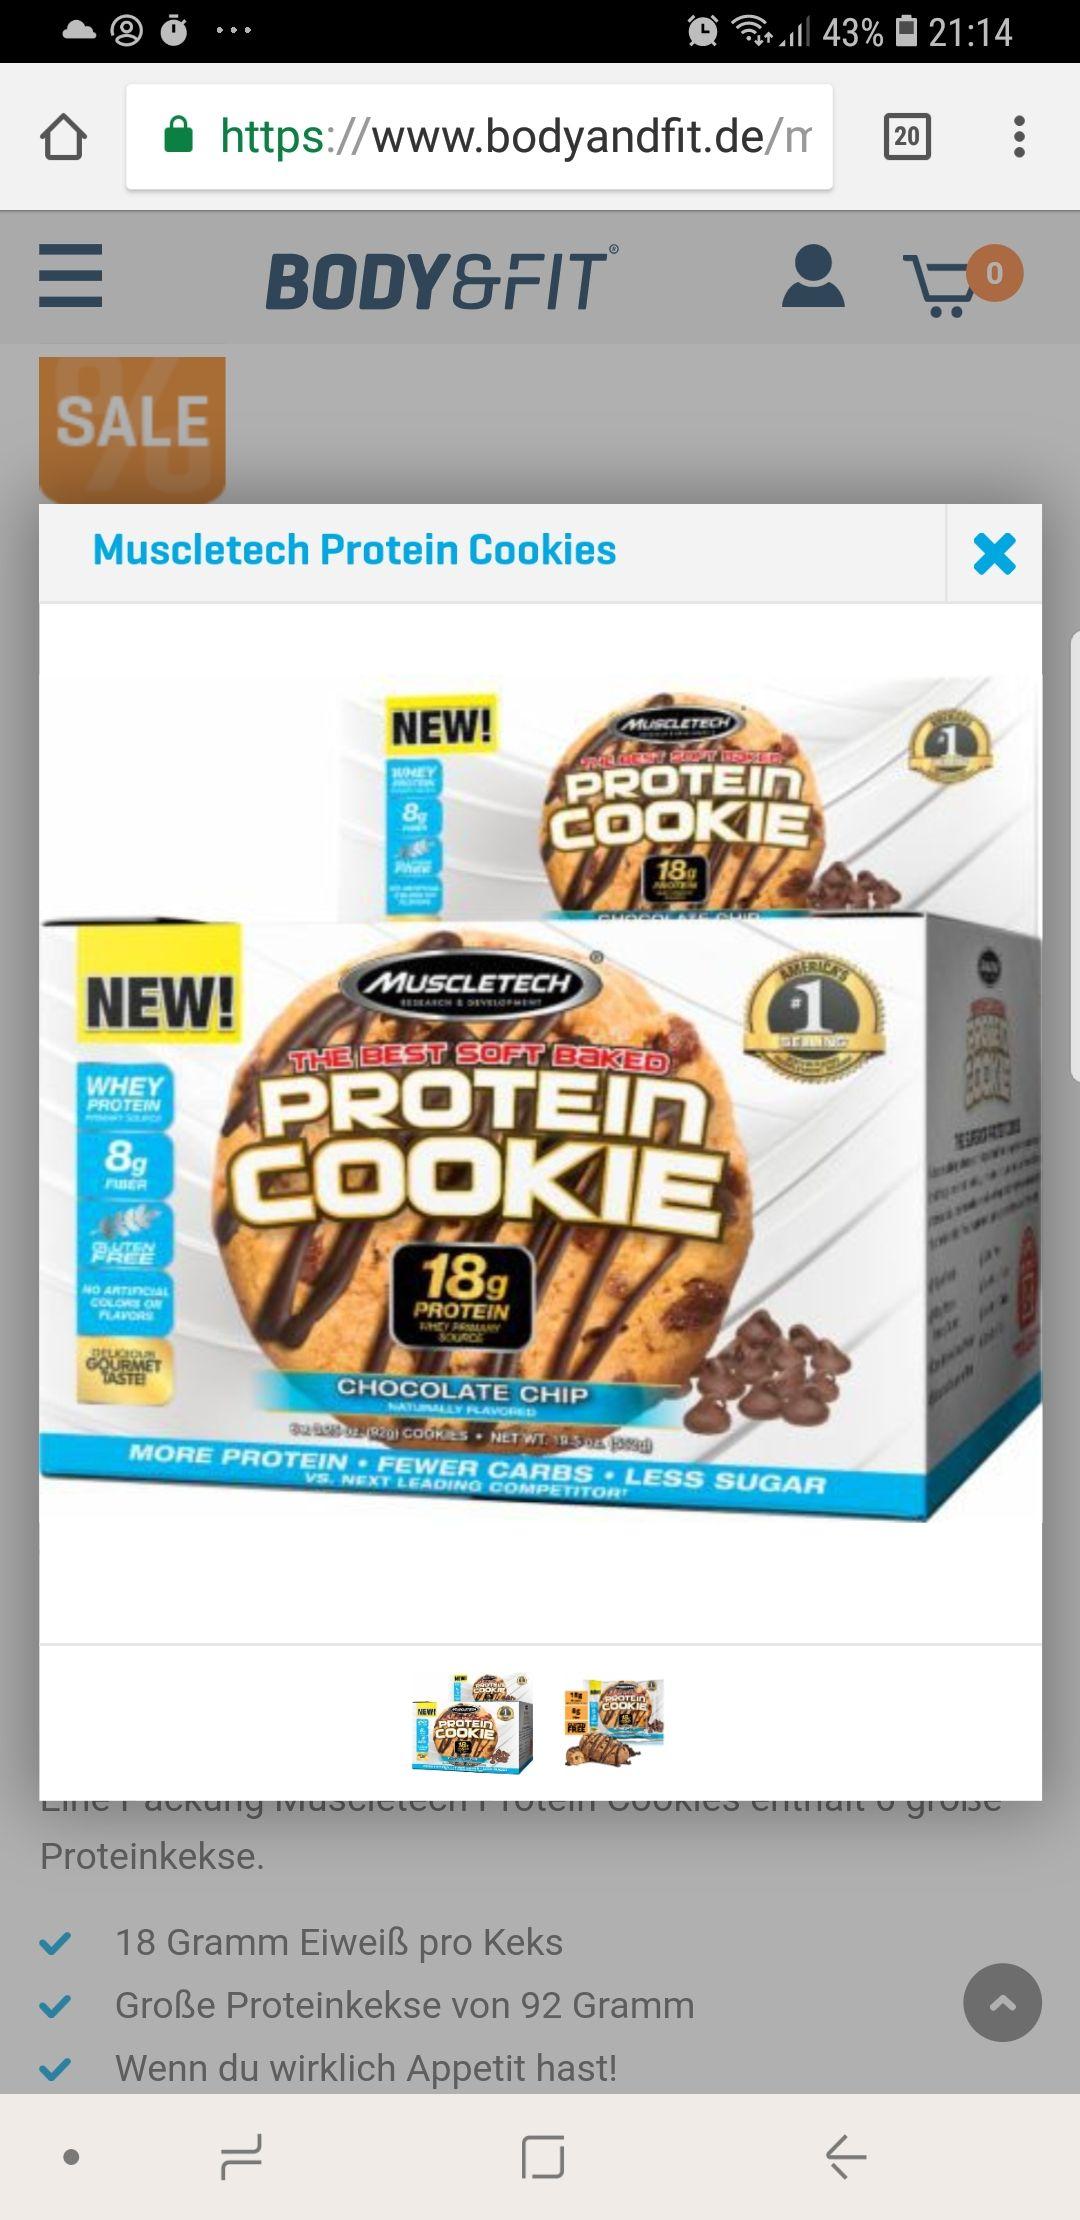 6x Protein Cookies für 3,90 Euro + 3,90 Euro Versand statt 23,80 Euro - bei bodyandfit.de